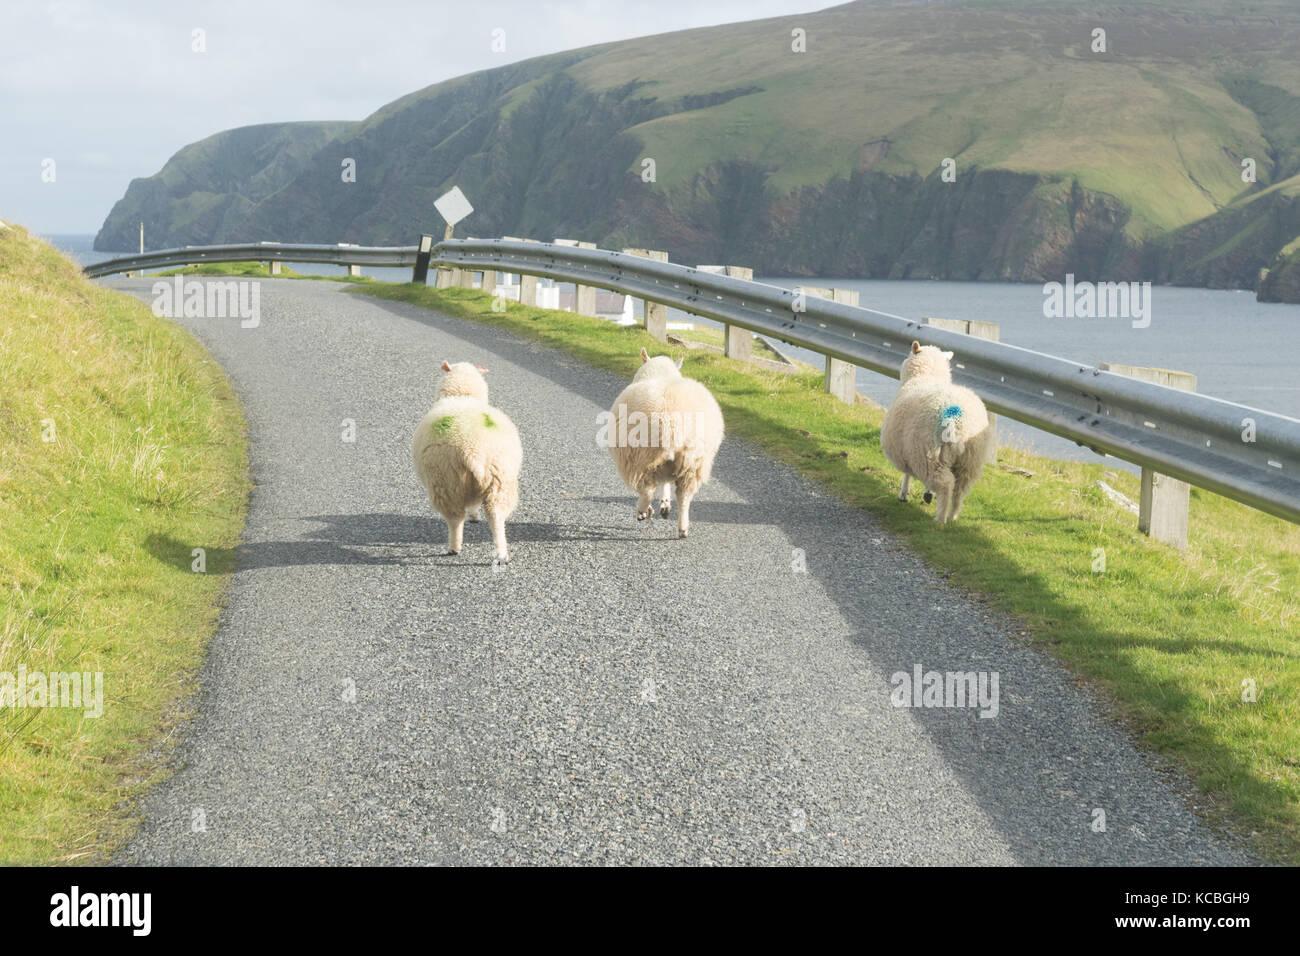 Drei Schafe laufen entlang der Straße in Unst, Shetlandinseln, Schottland, Großbritannien Stockbild